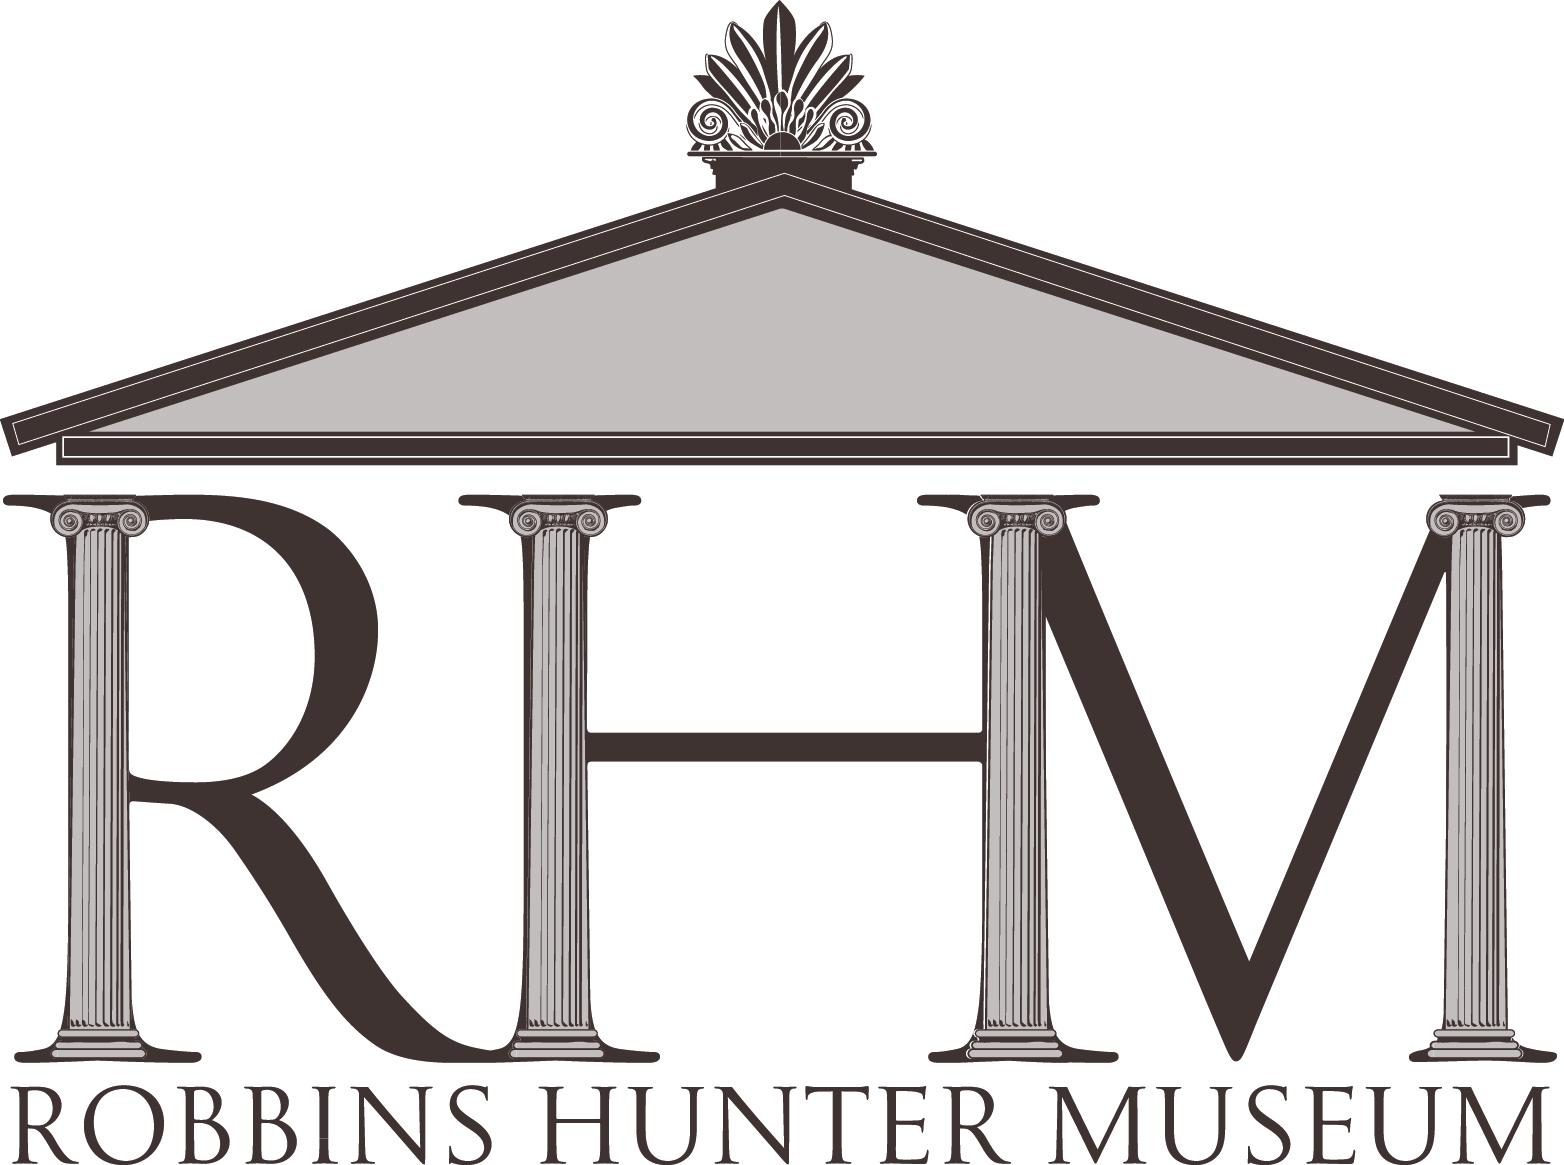 RHM_Logo2 hi-rez.jpg